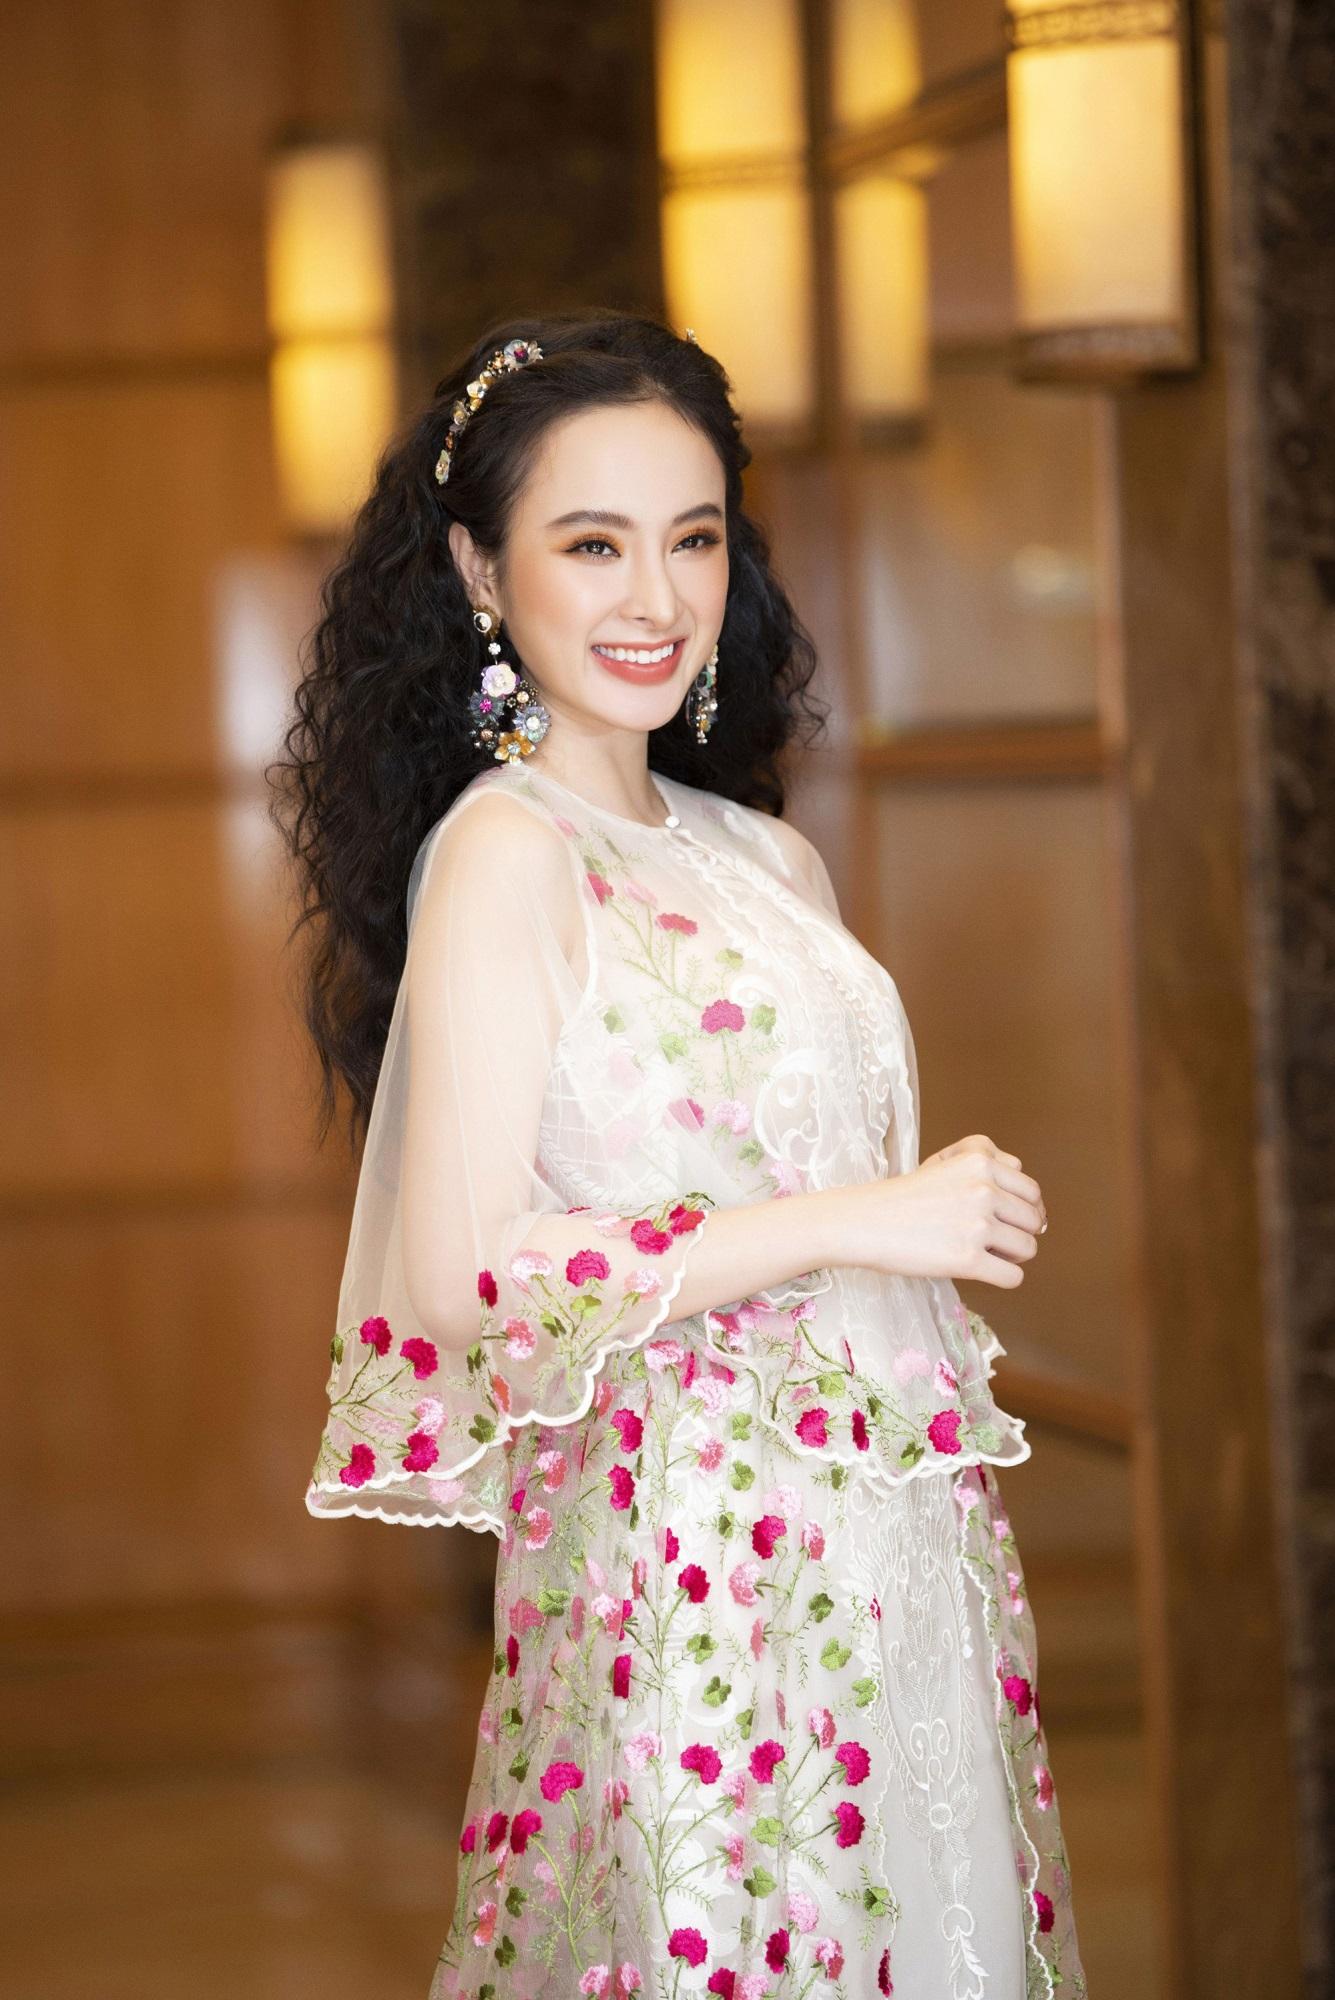 Chán làm 'mỹ nhân siêu vòng 3', Angela Phương Trinh trở lại làm 'cô thôn nữ' kín đáo, dịu dàng - Ảnh 2